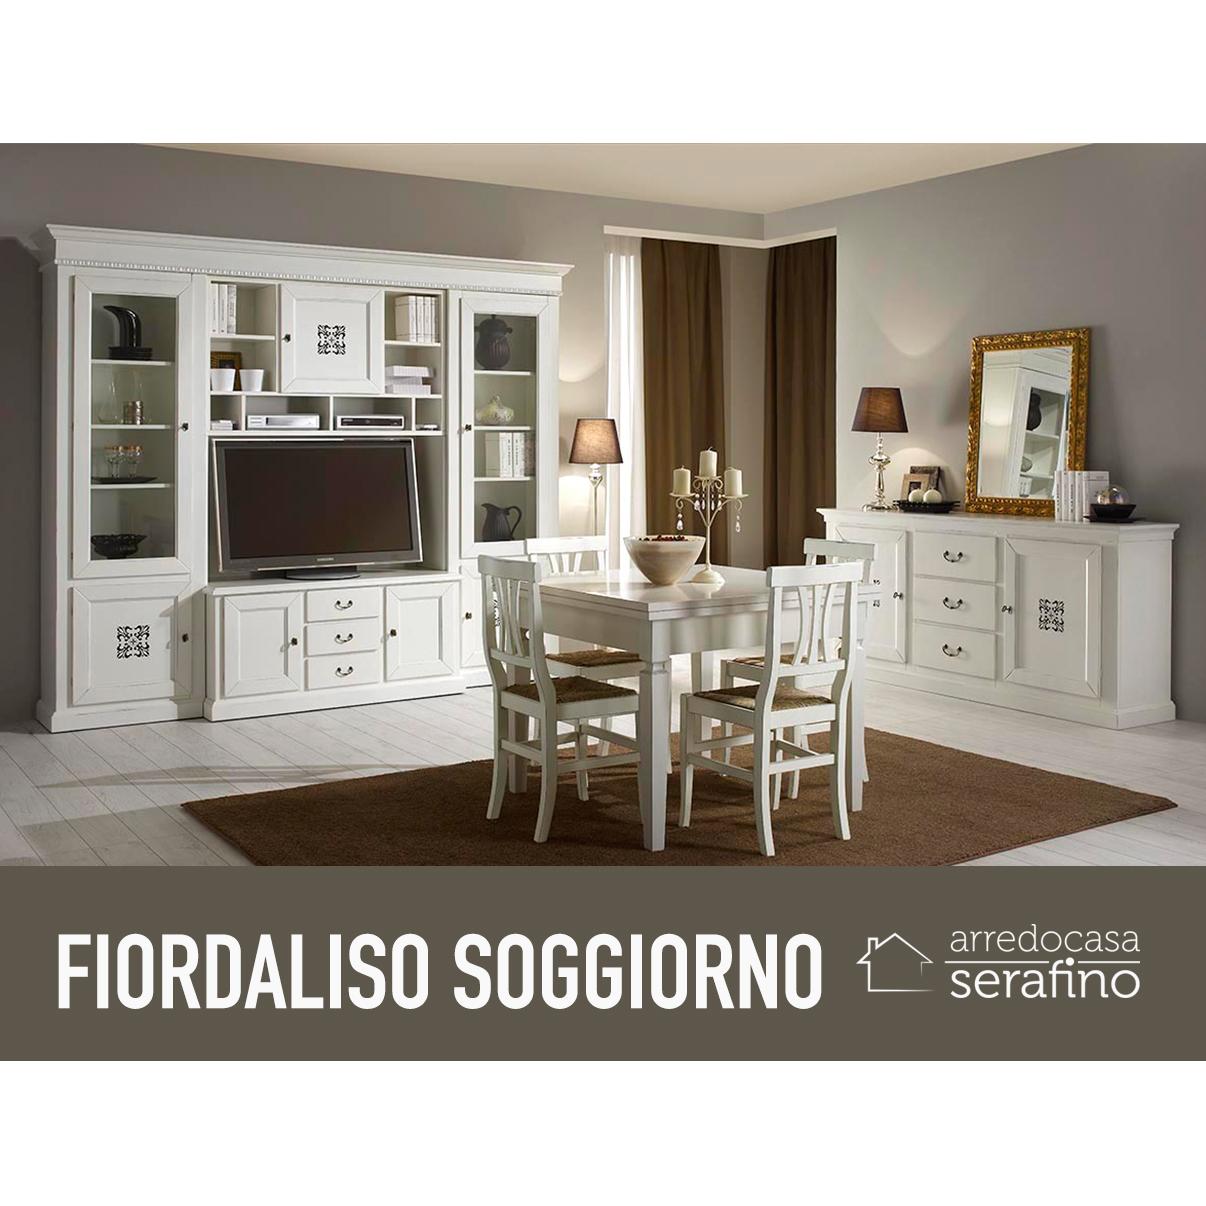 Awesome Arredo Casa Serafino Images - acrylicgiftware.us ...